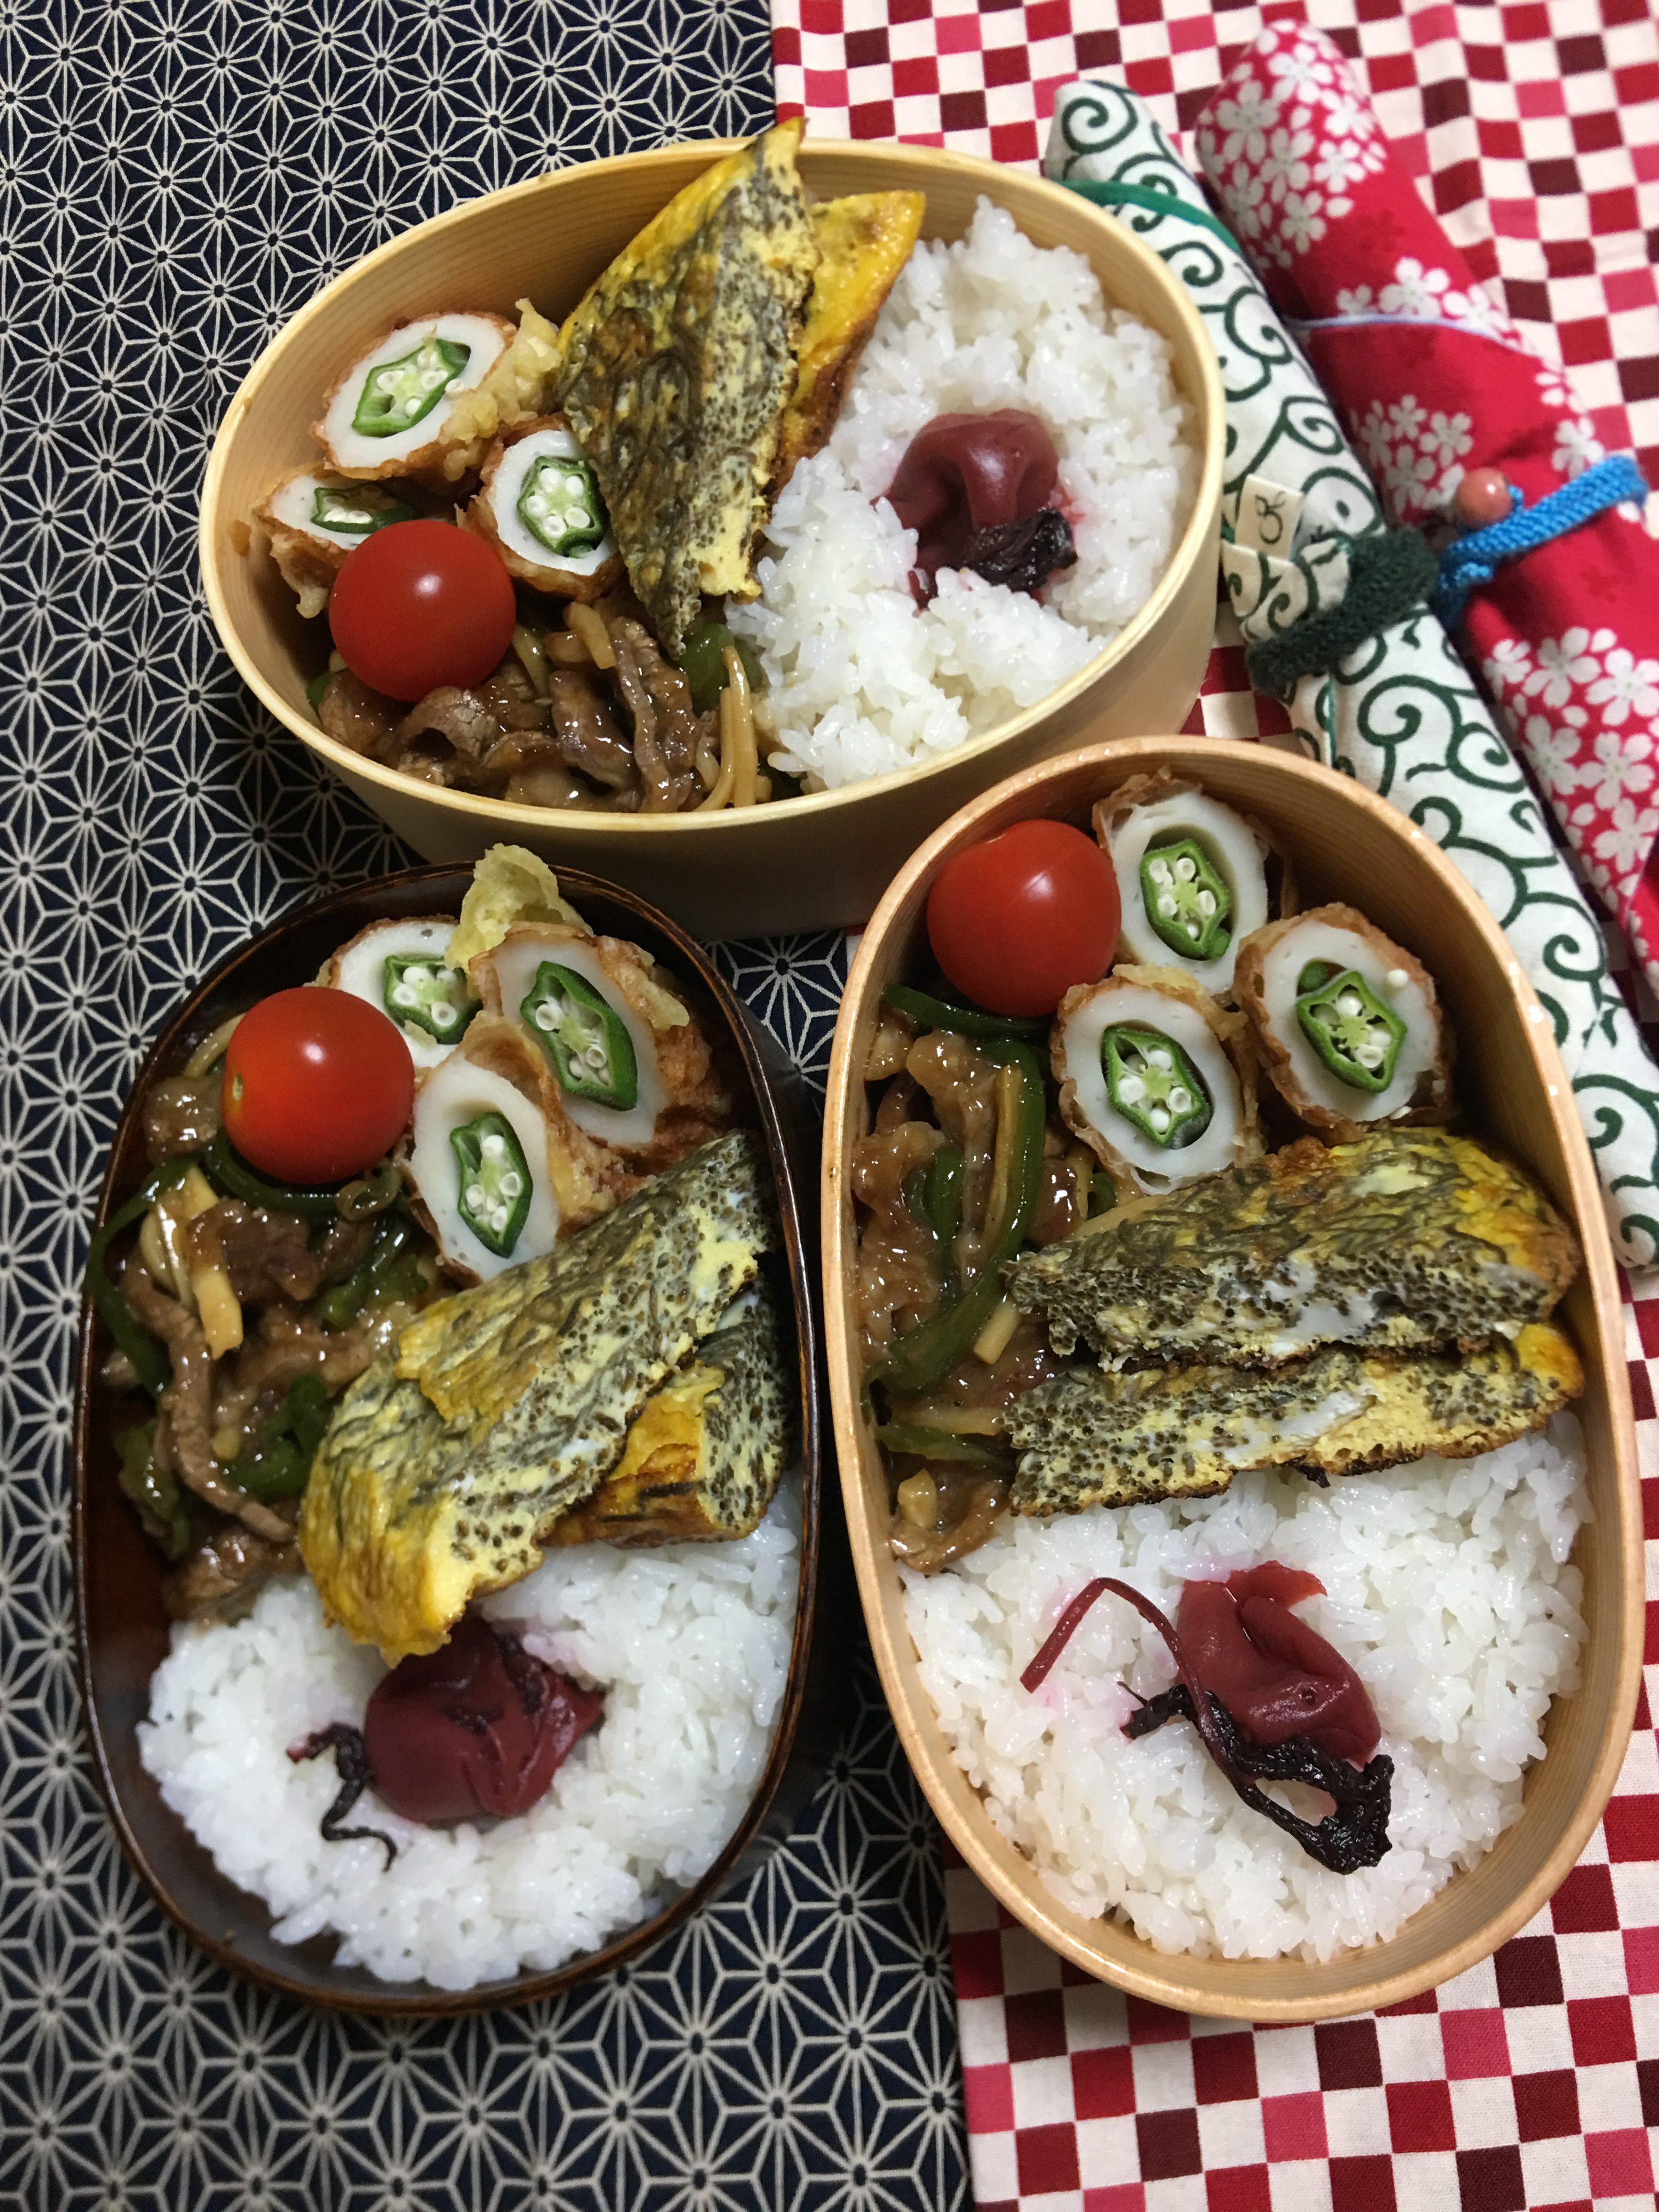 青椒肉絲(酢入り)/ベニーグッドマンカルテット